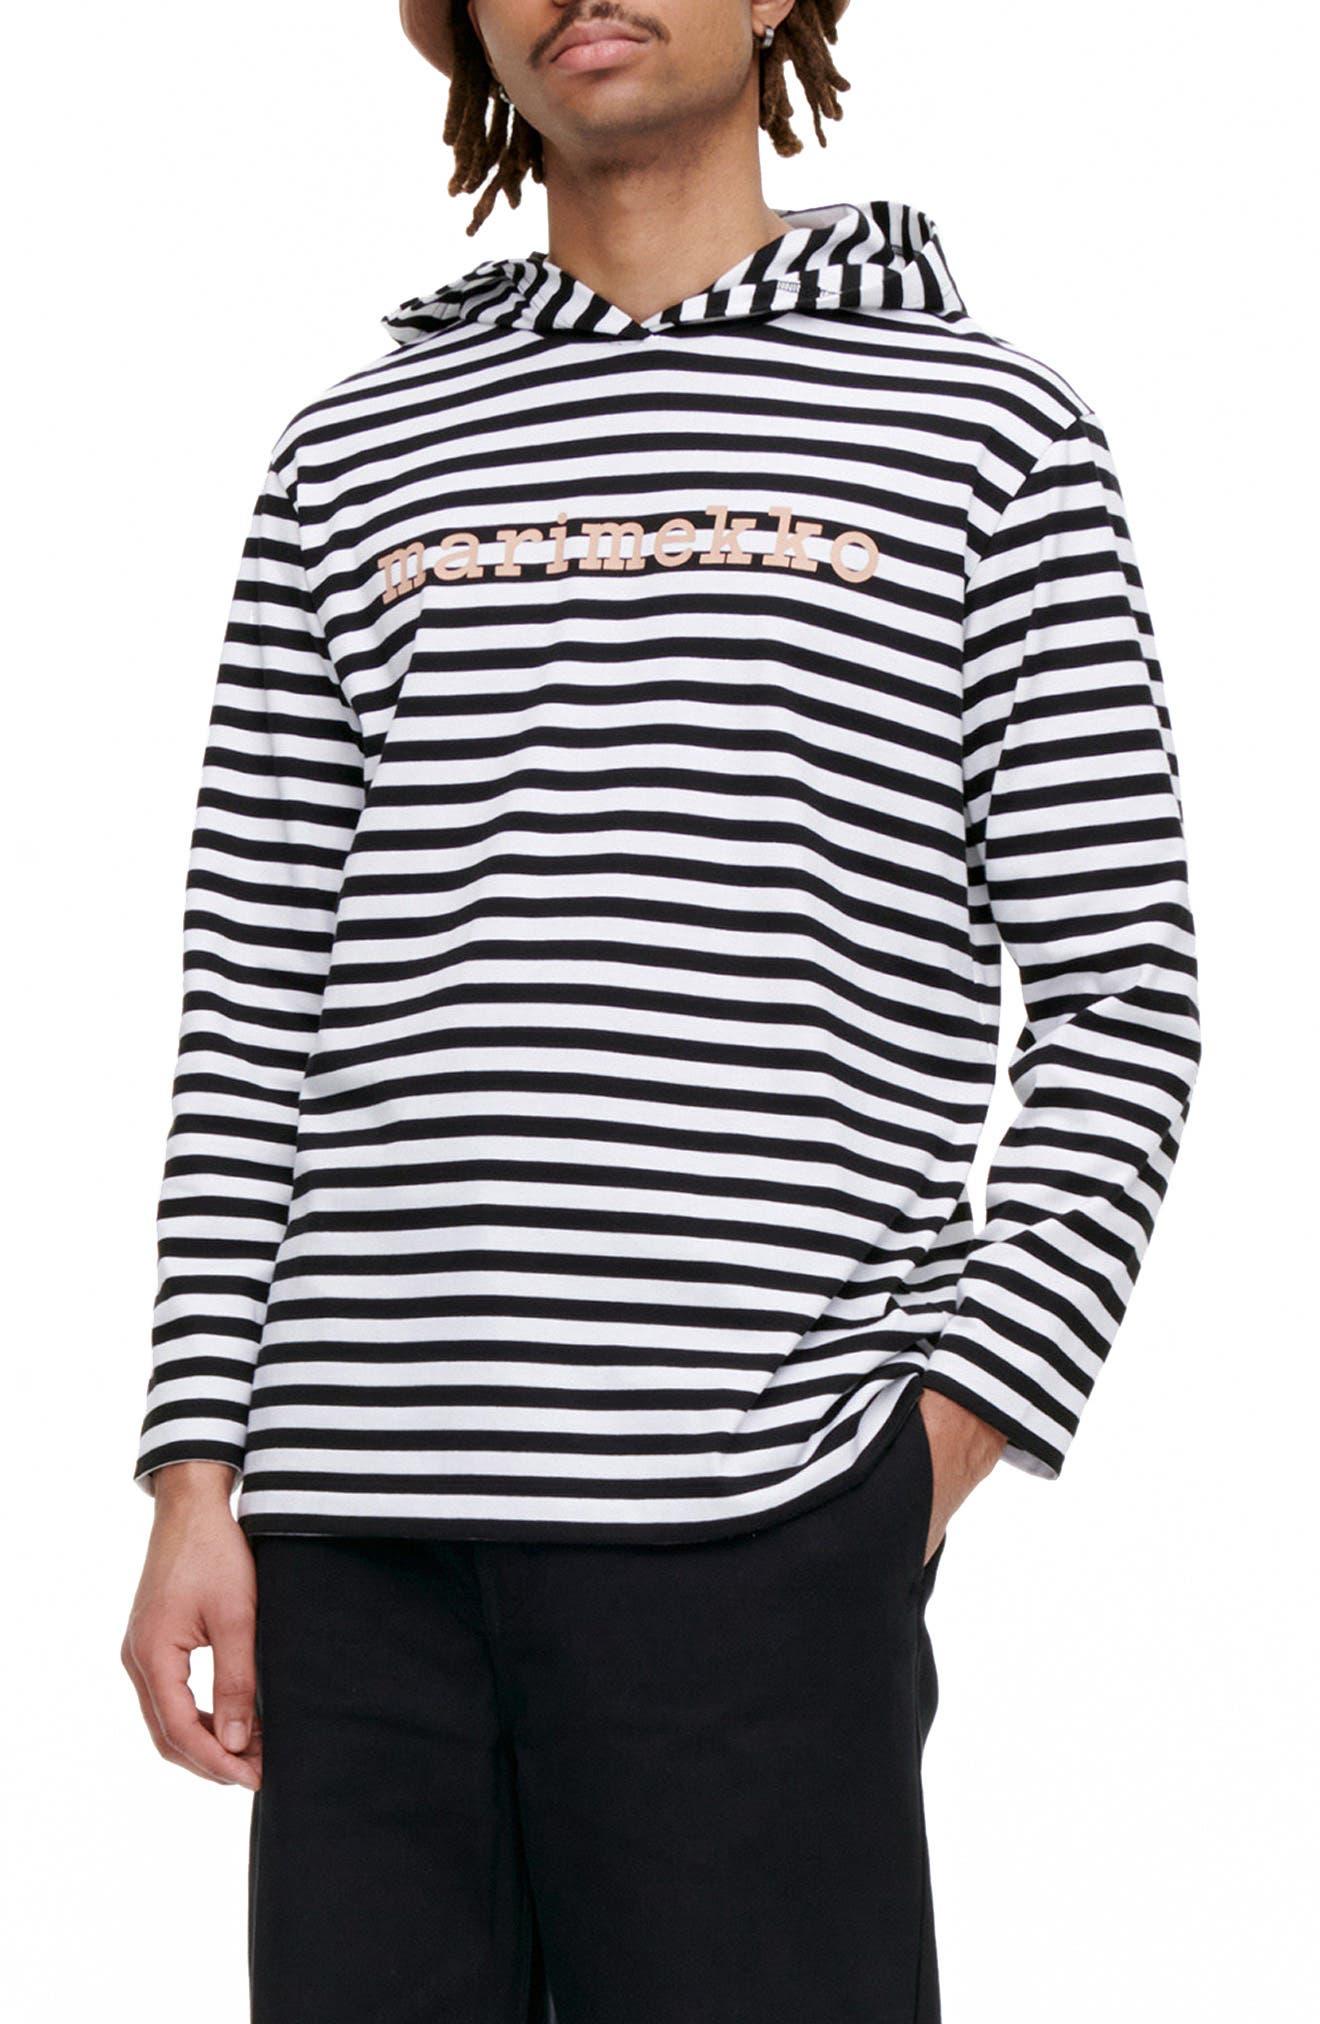 Unisex Palho Tasaraita Stripe Hooded Top